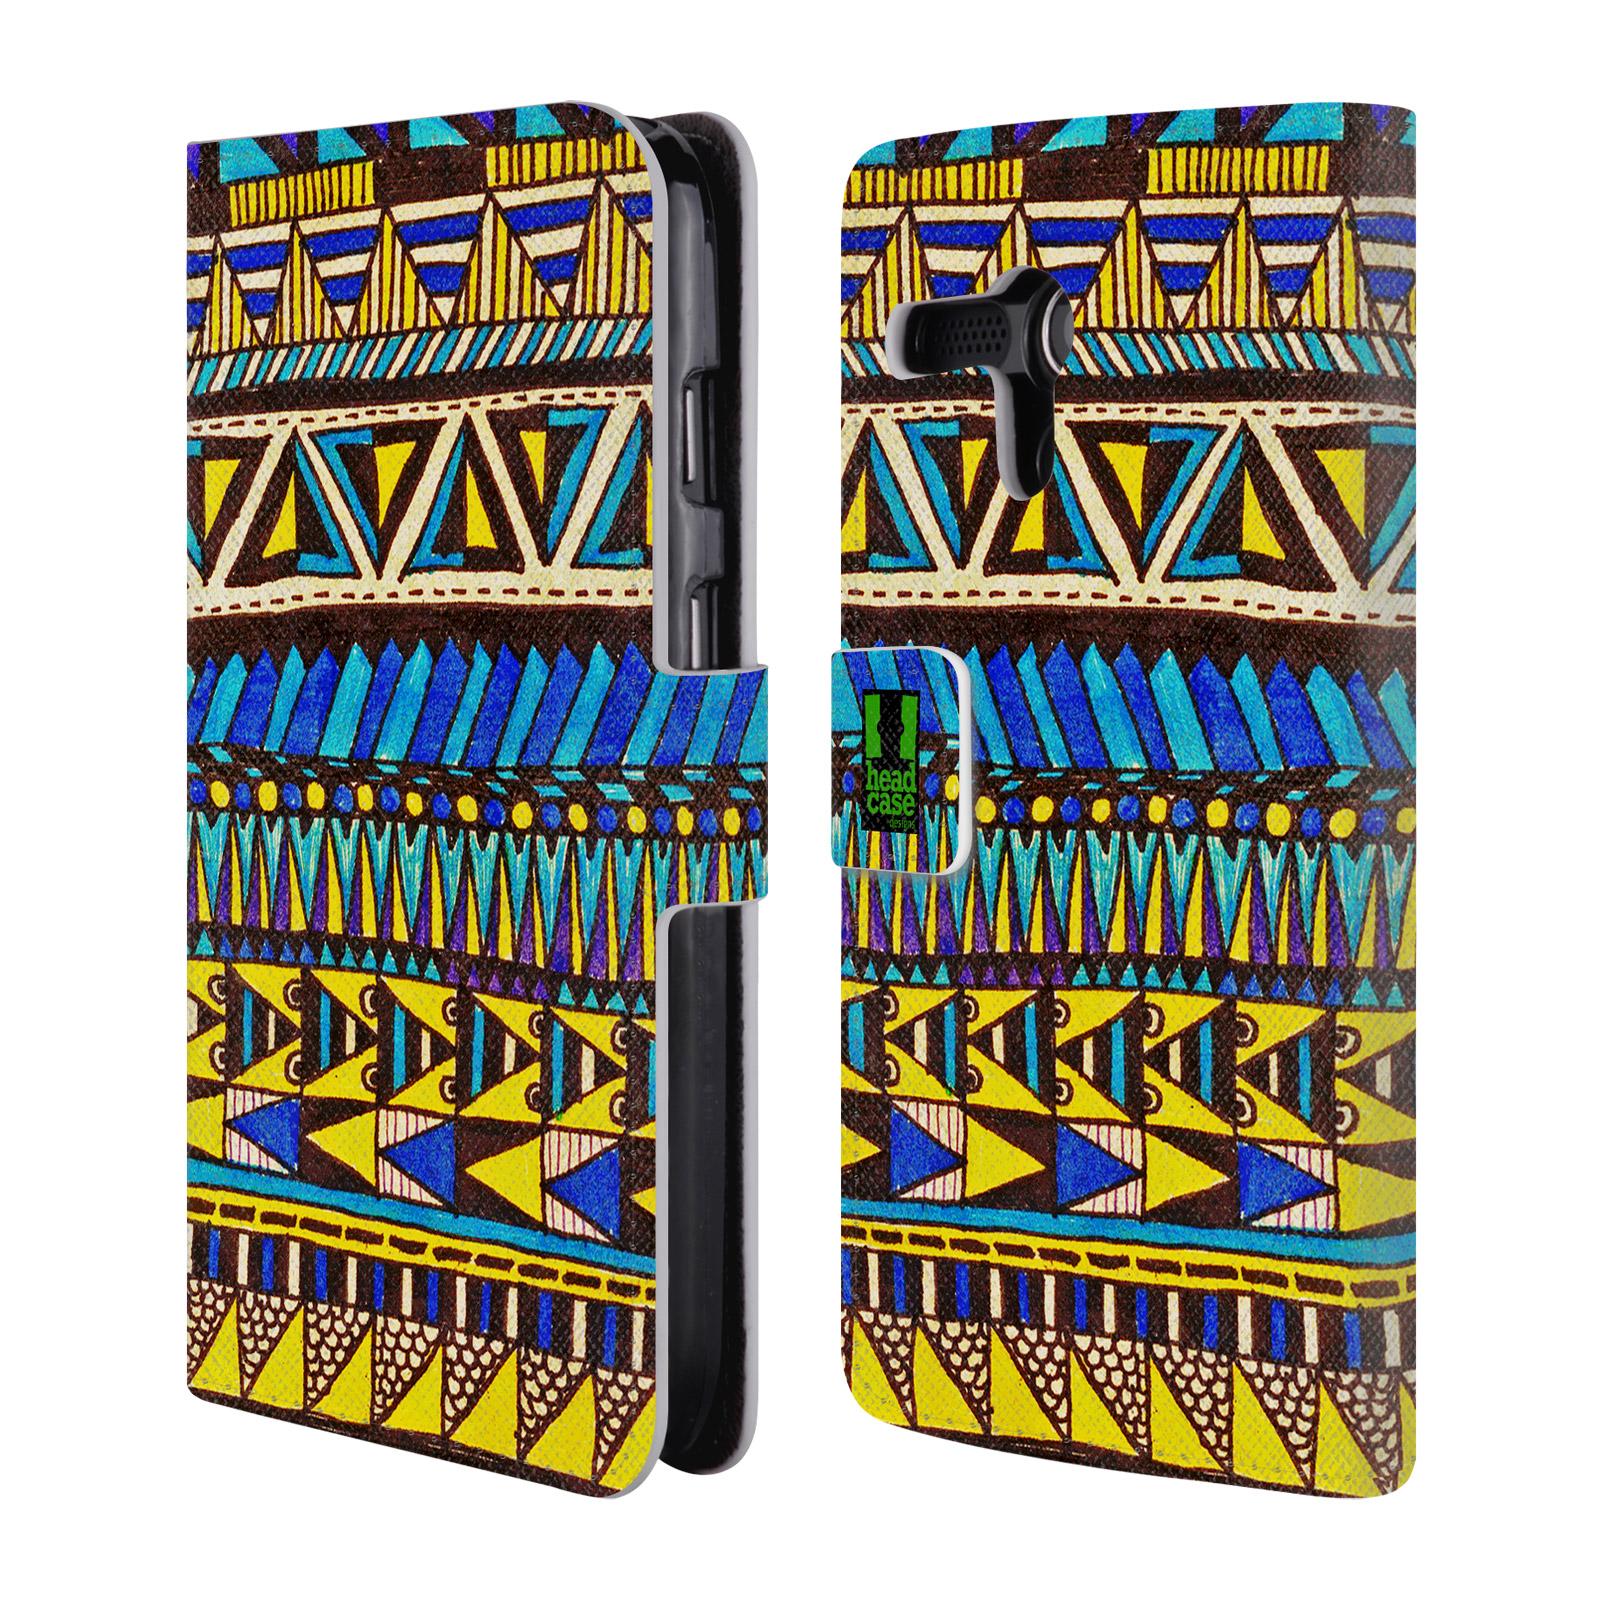 HEAD CASE Flipové pouzdro pro mobil MOTOROLA MOTO G Barevná aztécká čmáranice modrá